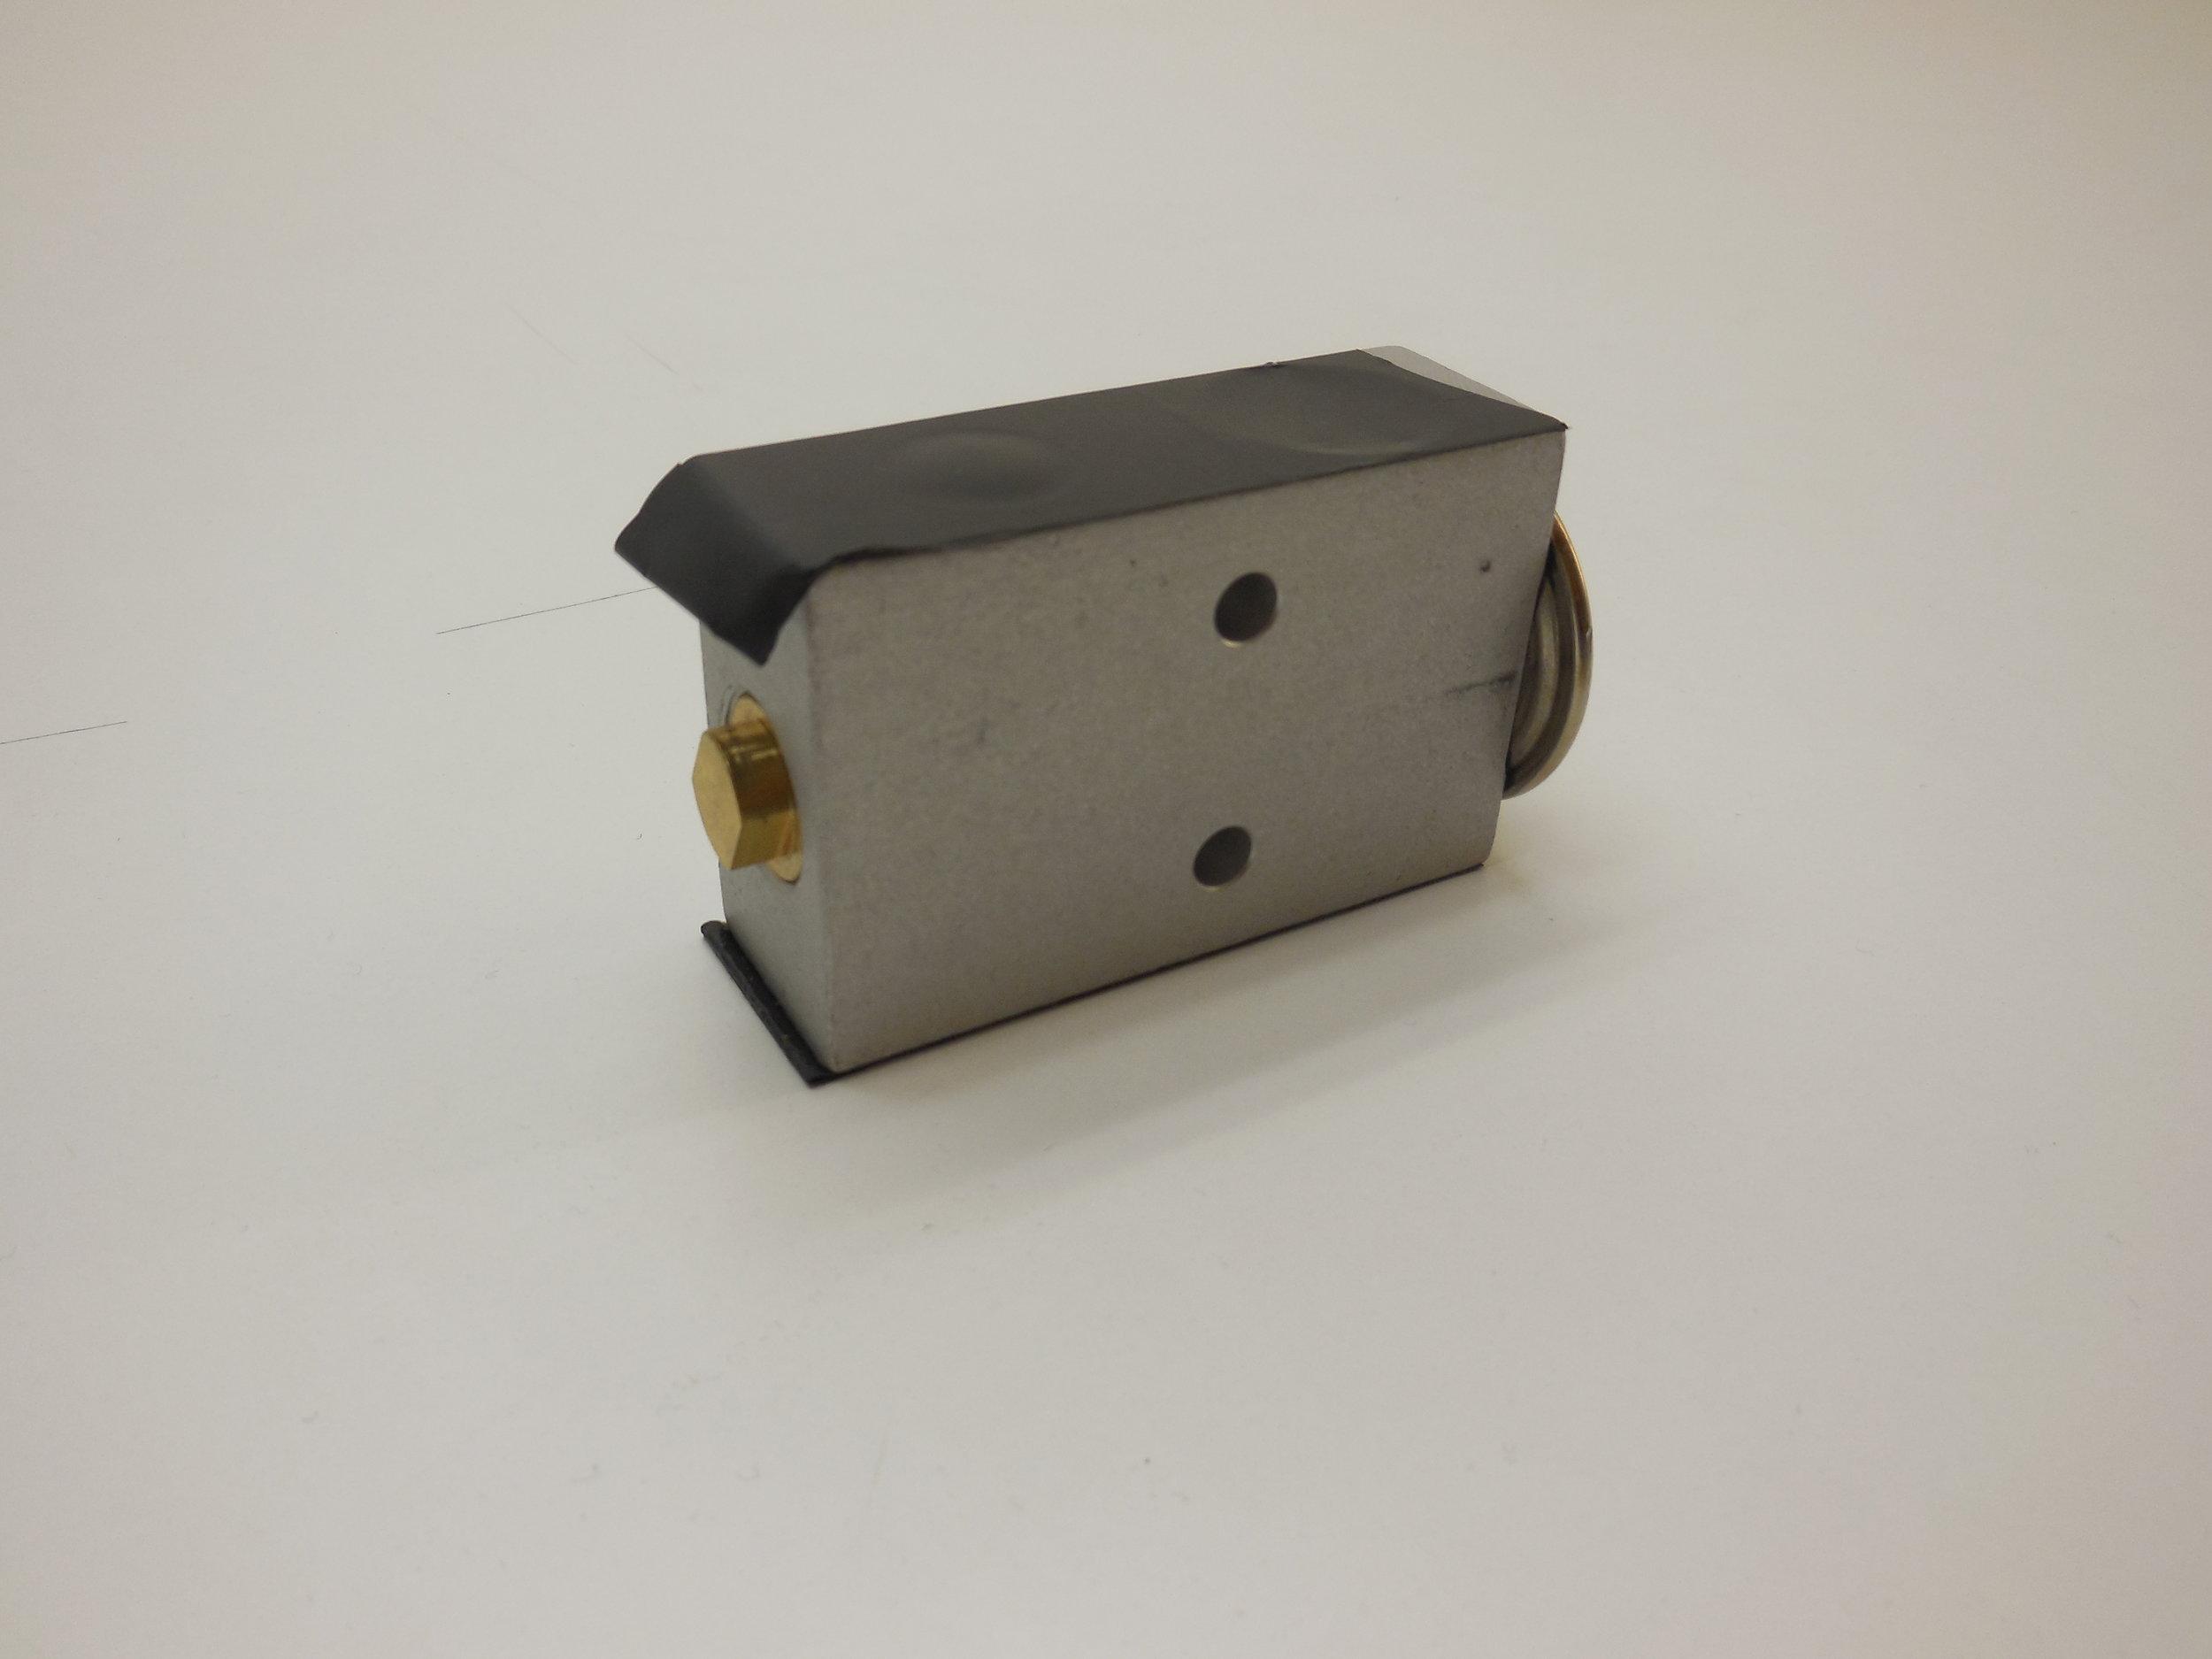 Ac Safety Valve   Lokab Nr: 8.0010.02 price: